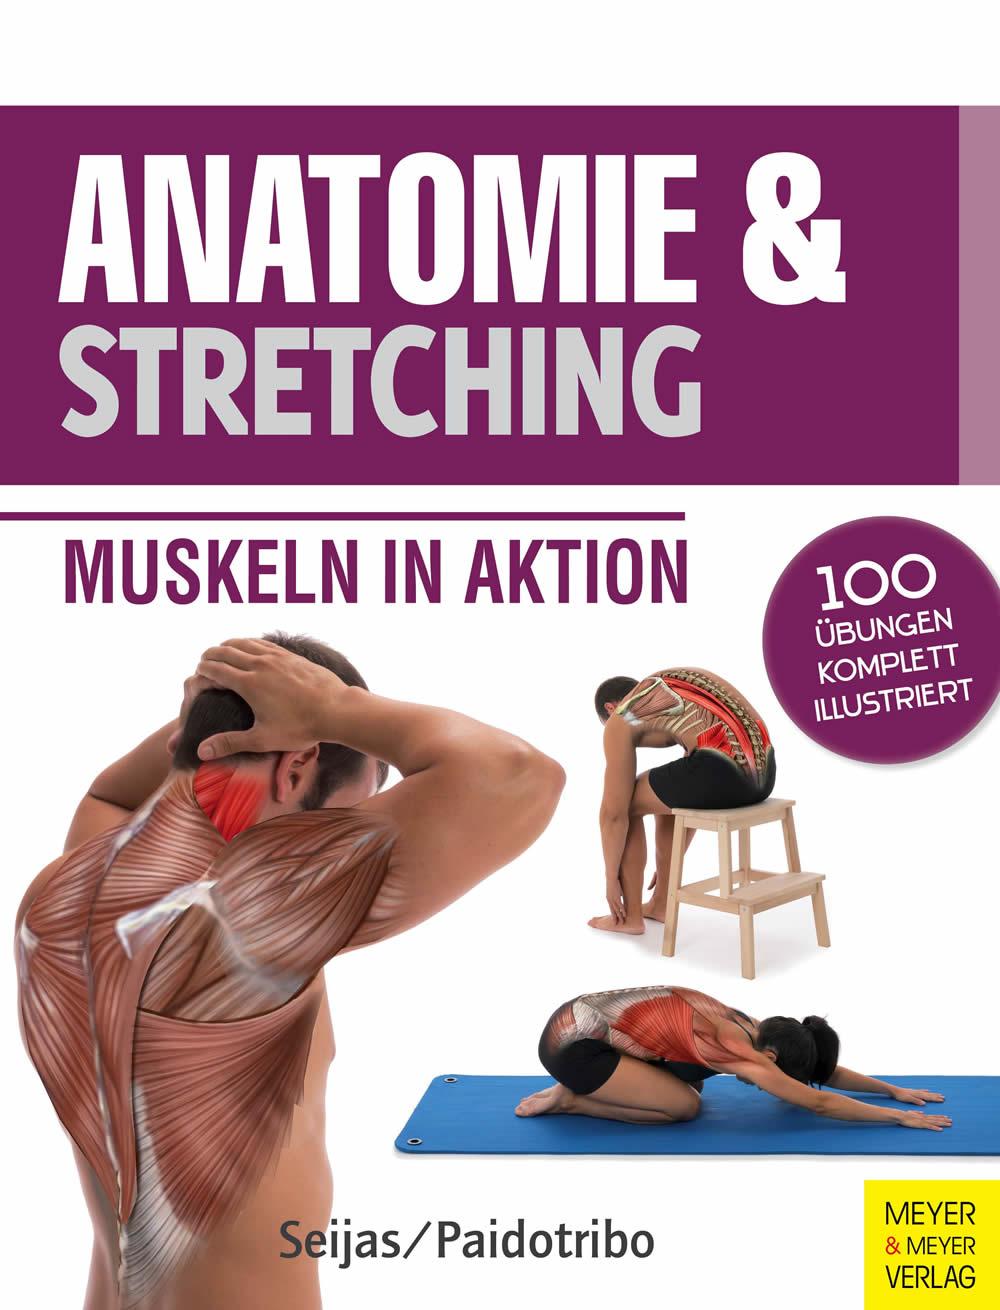 Buch - Anatomie und Stretching | Coachshop.de